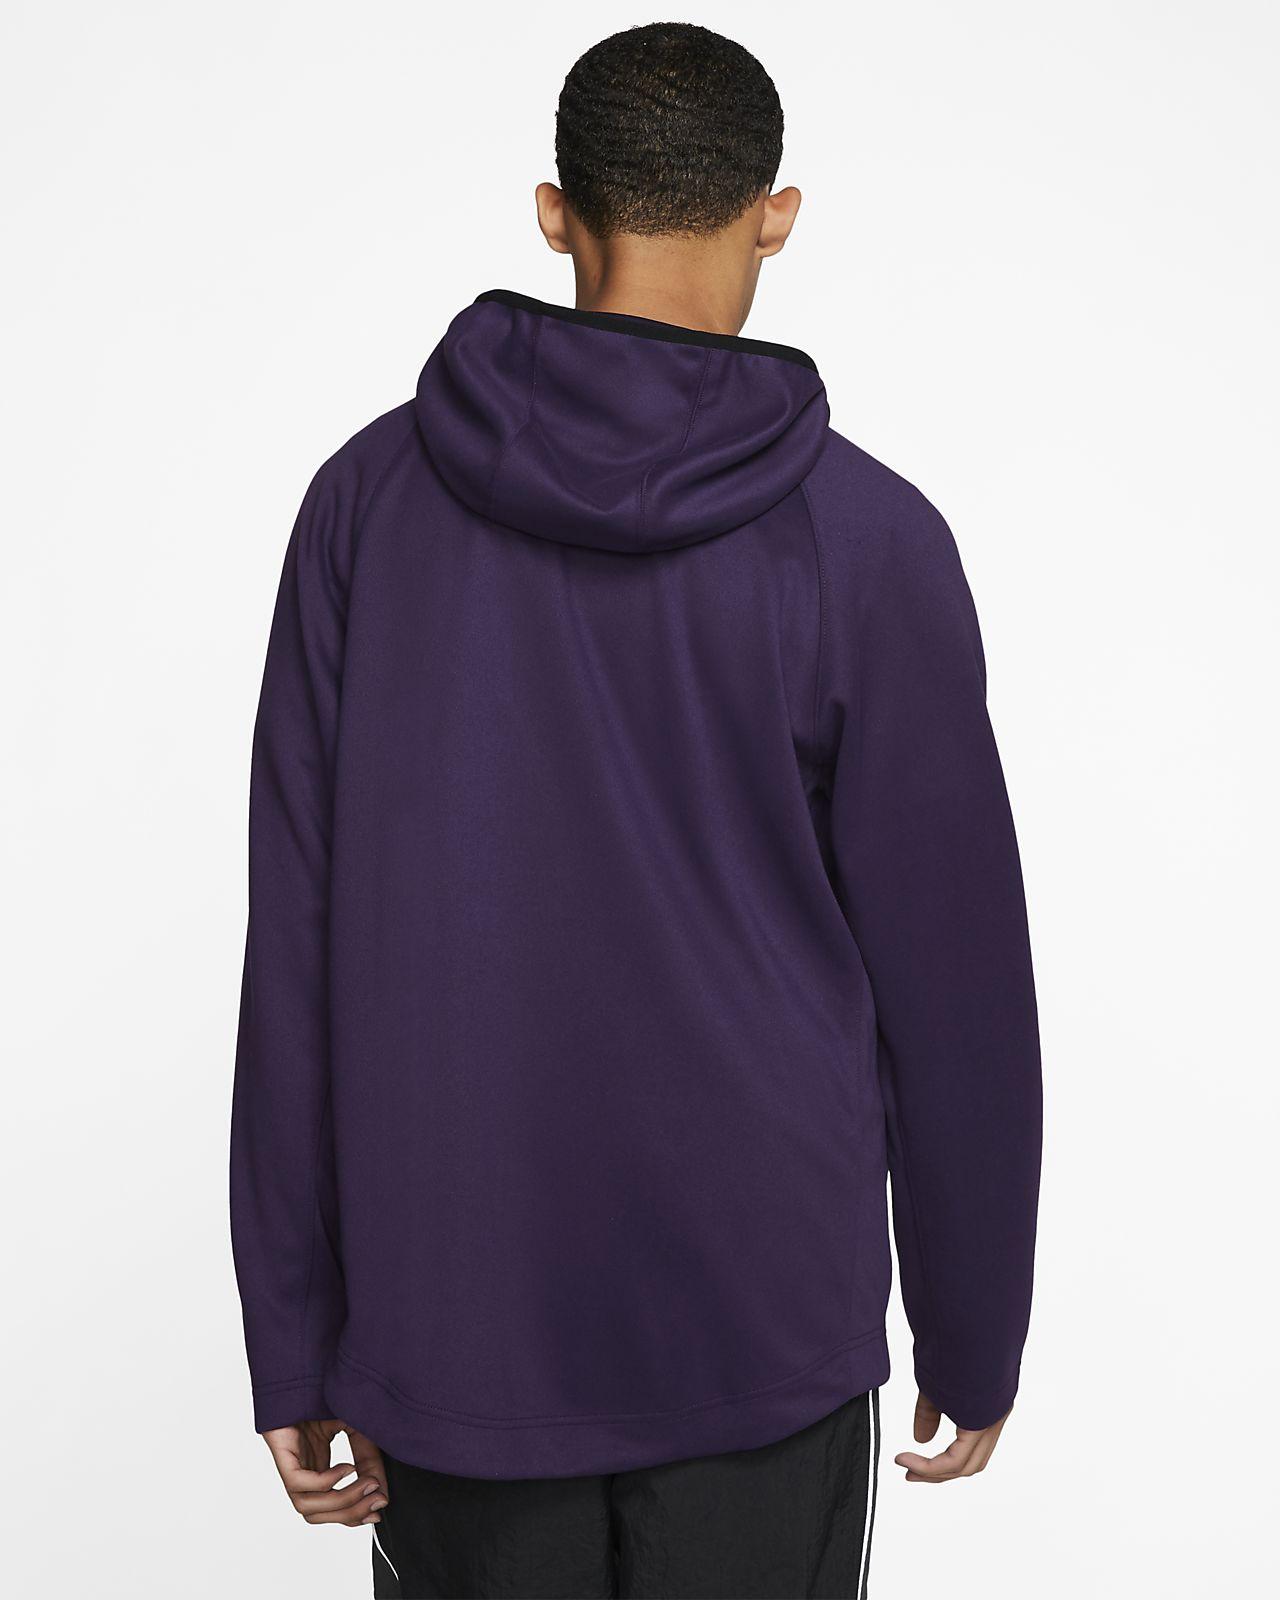 Nike Spotlight Full Zip Basketball Hoodie